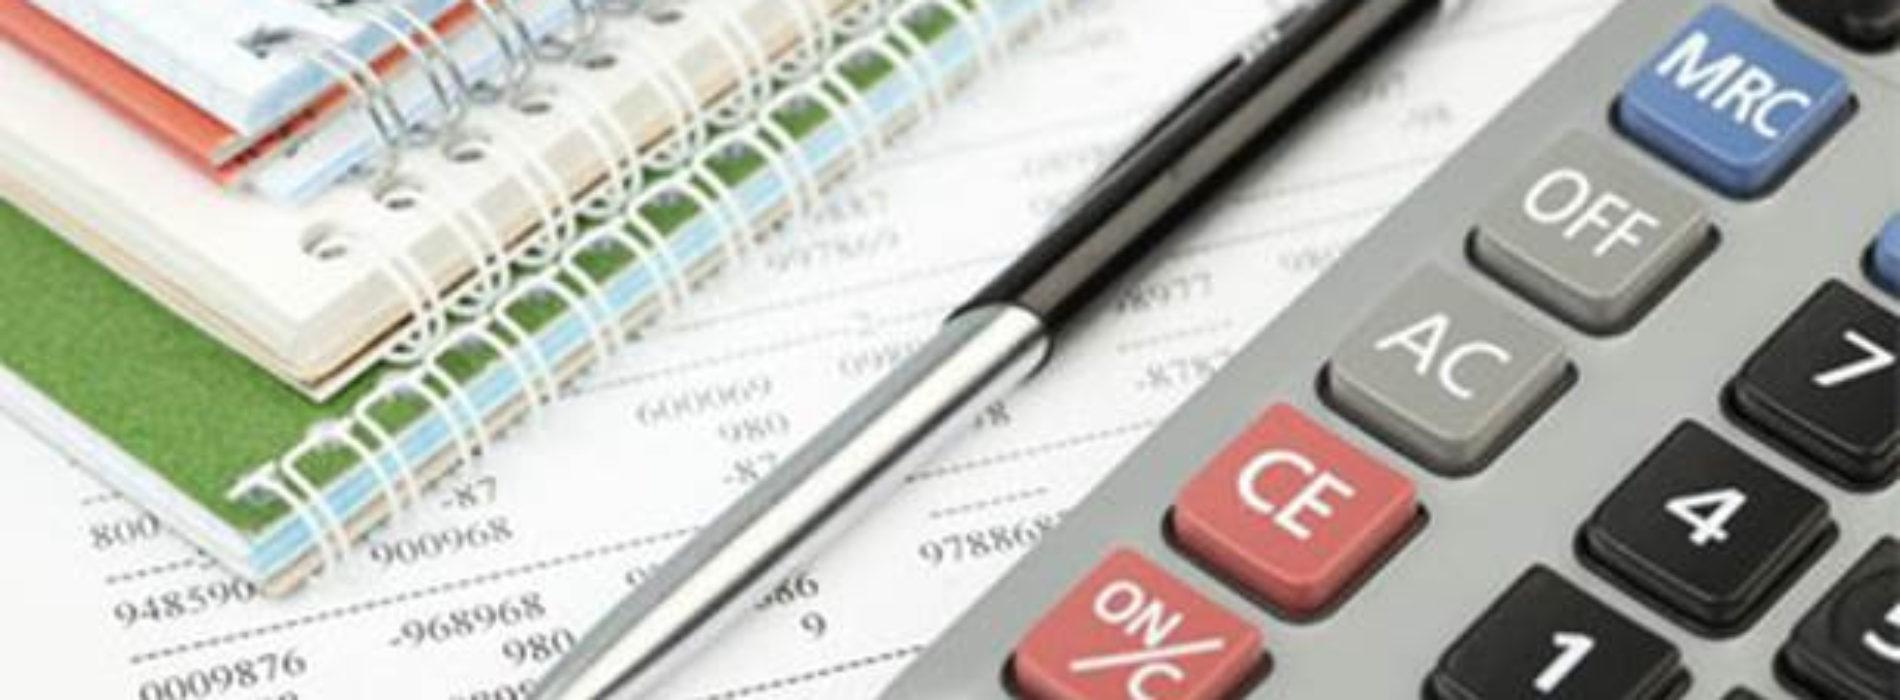 Специальный налоговый режим на основе патента смогут применять индивидуальные предприниматели